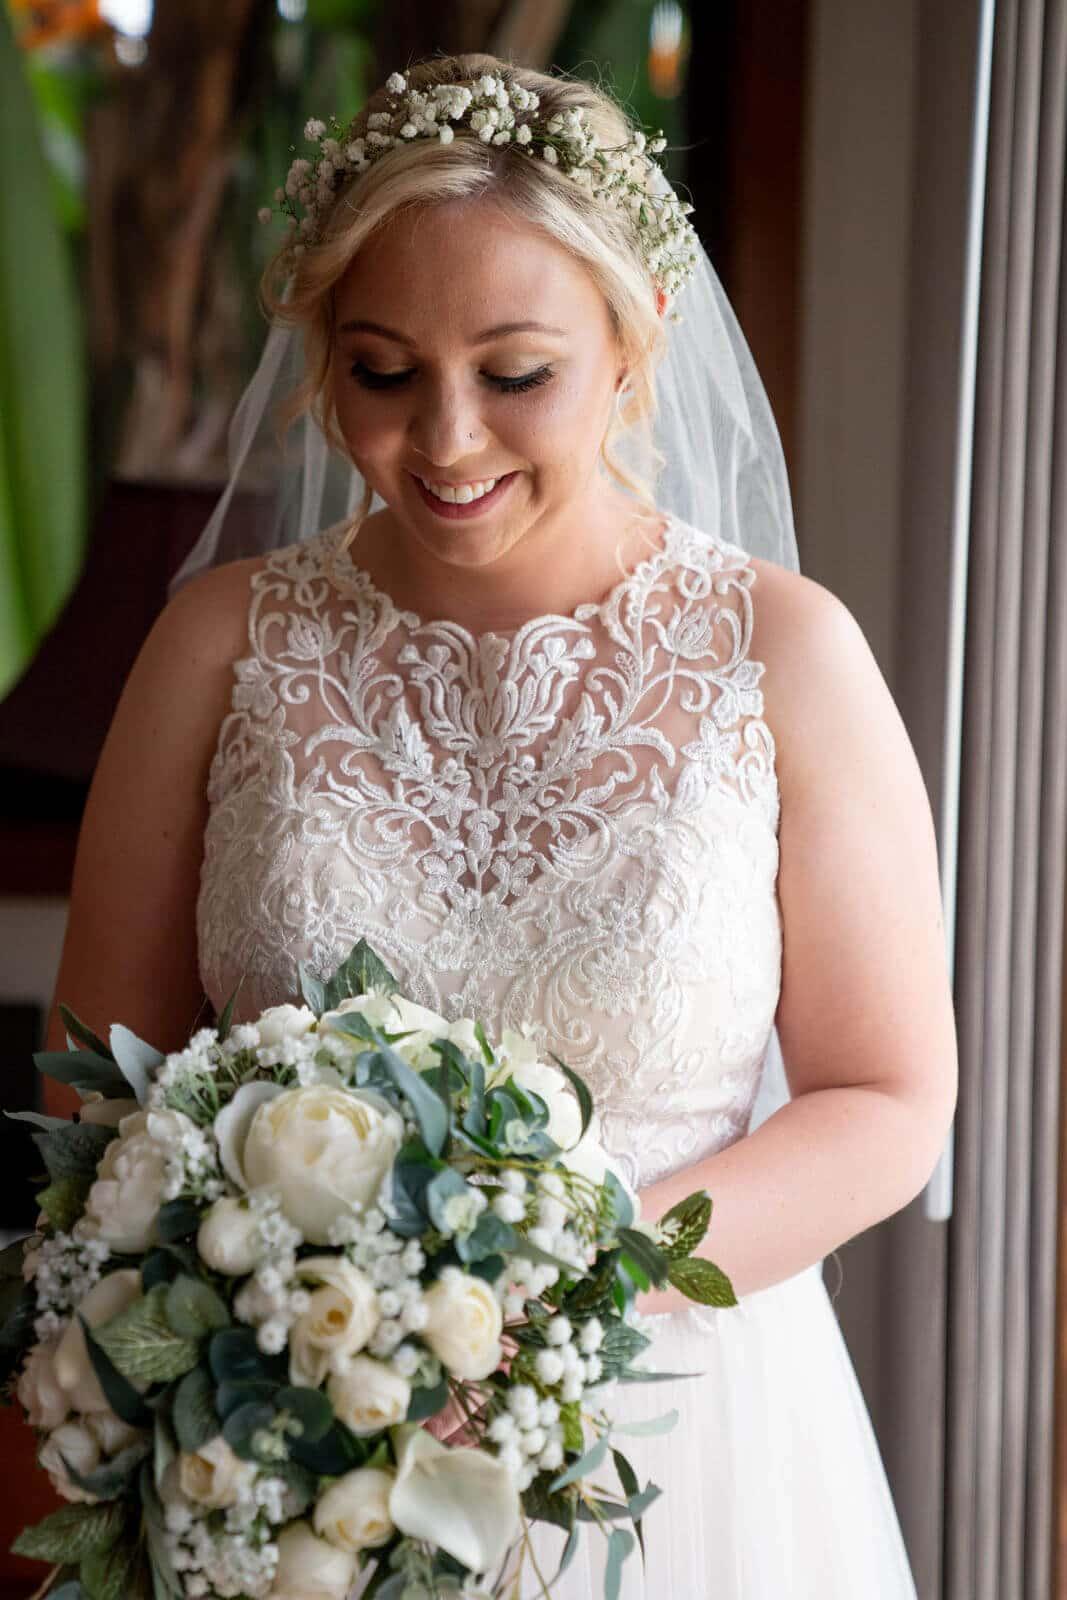 Lilydale Wedding | Bride